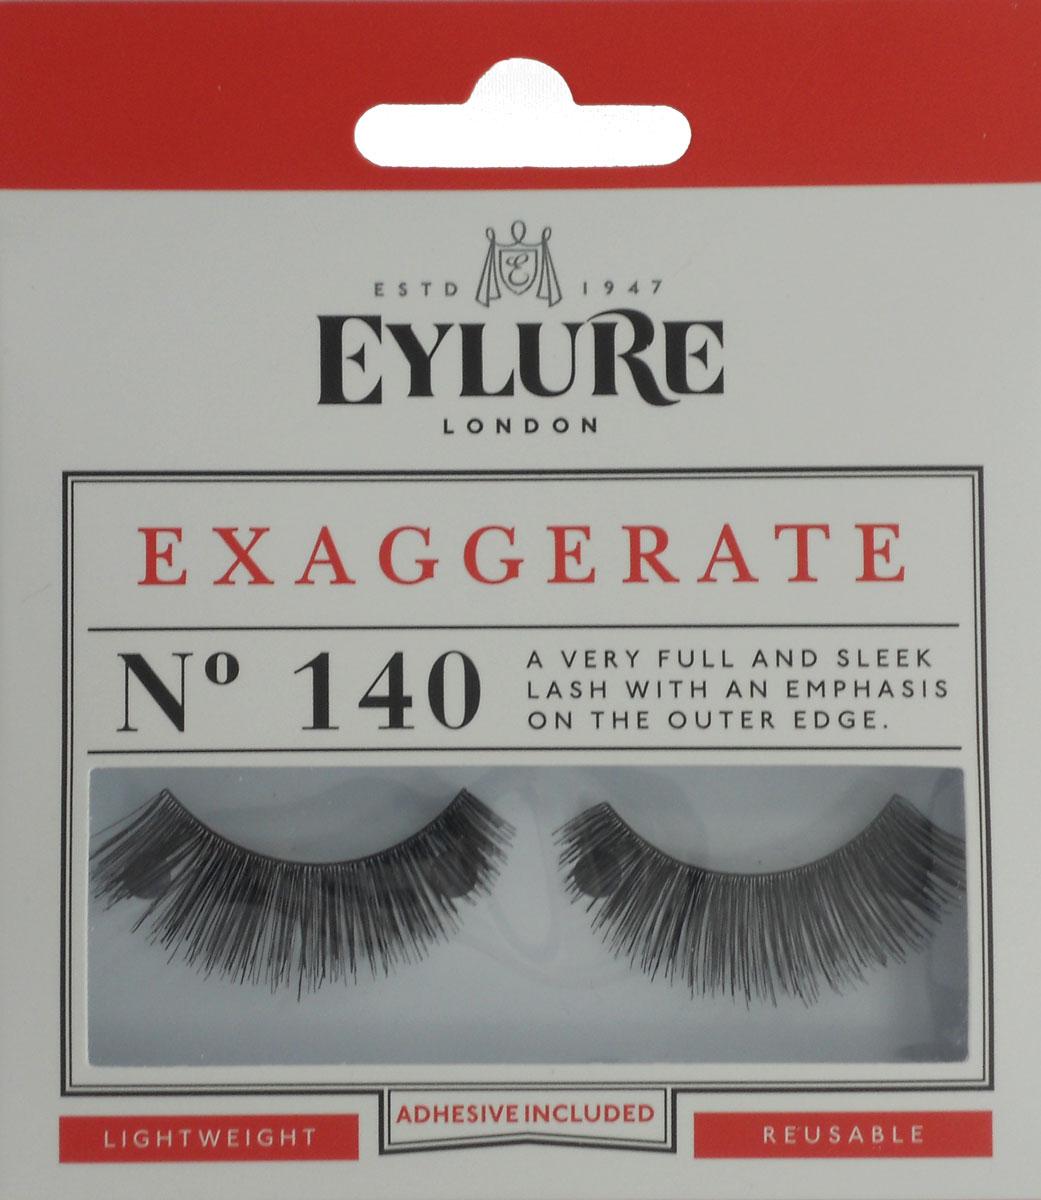 Eylure Накладные ресницы преувеличенные №1406001120Придают объем+длина, все эффекты сразу. Изящный и гладкий многослойный эффект.